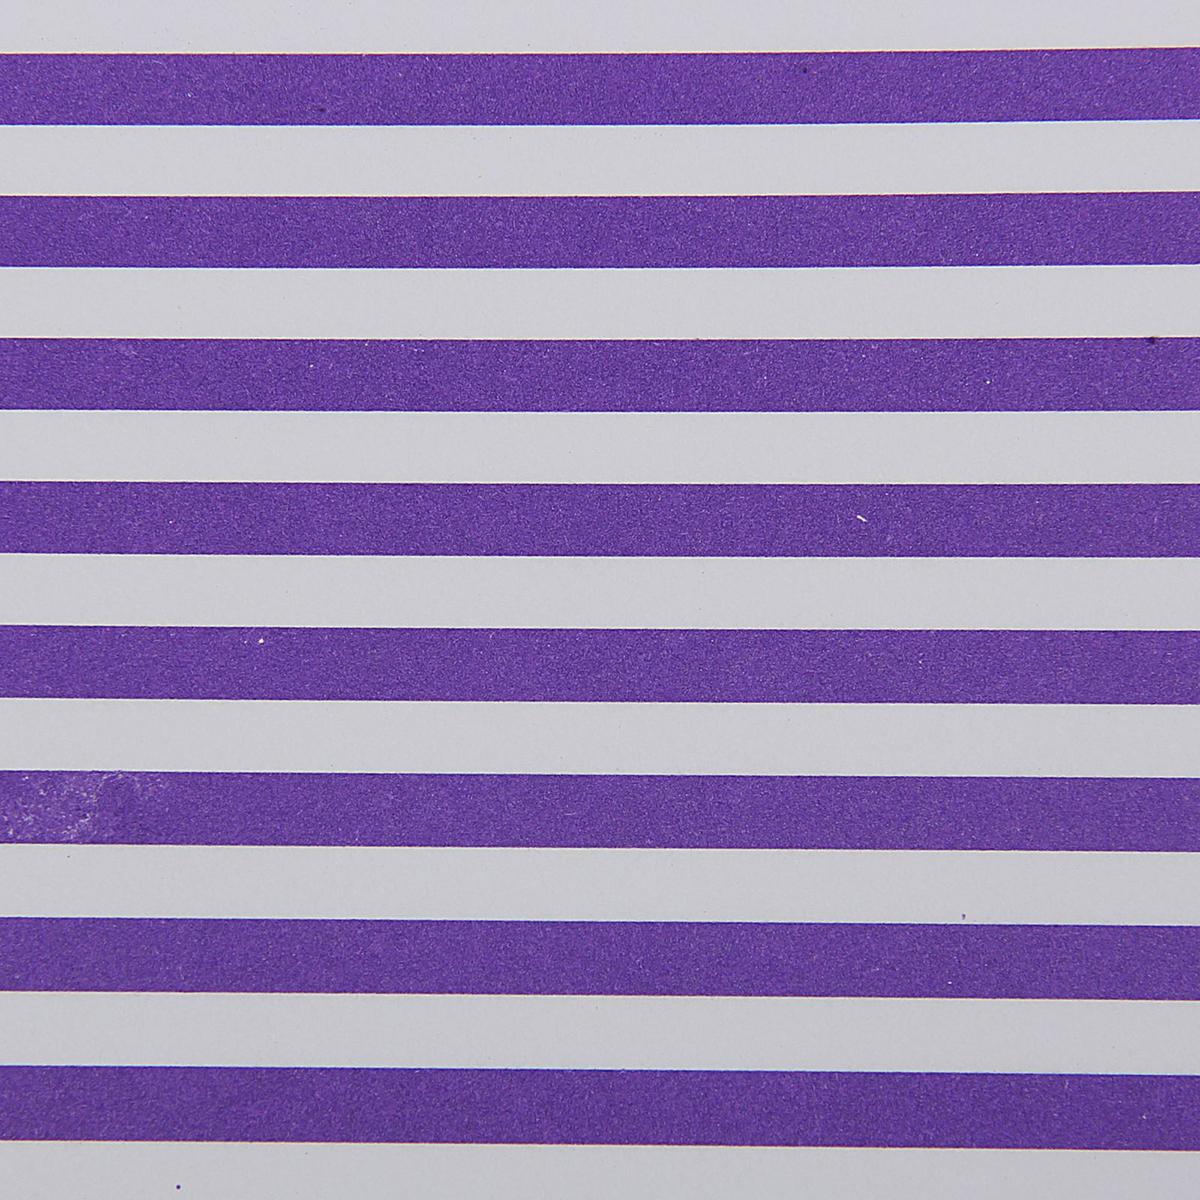 Бумага упаковочная Фиолетовые полоски, 60 х 60 см. 15585401558540Любой подарок начинается с упаковки. Что может быть трогательнее и волшебнее, чем ритуал разворачивания полученного презента. И именно оригинальная, со вкусом выбранная упаковка выделит ваш подарок из массы других. Она продемонстрирует самые тёплые чувства к виновнику торжества и создаст сказочную атмосферу праздника. Бумага упаковочная Фиолетовые полоски, 60 х 60 см — это то, что вы искали.